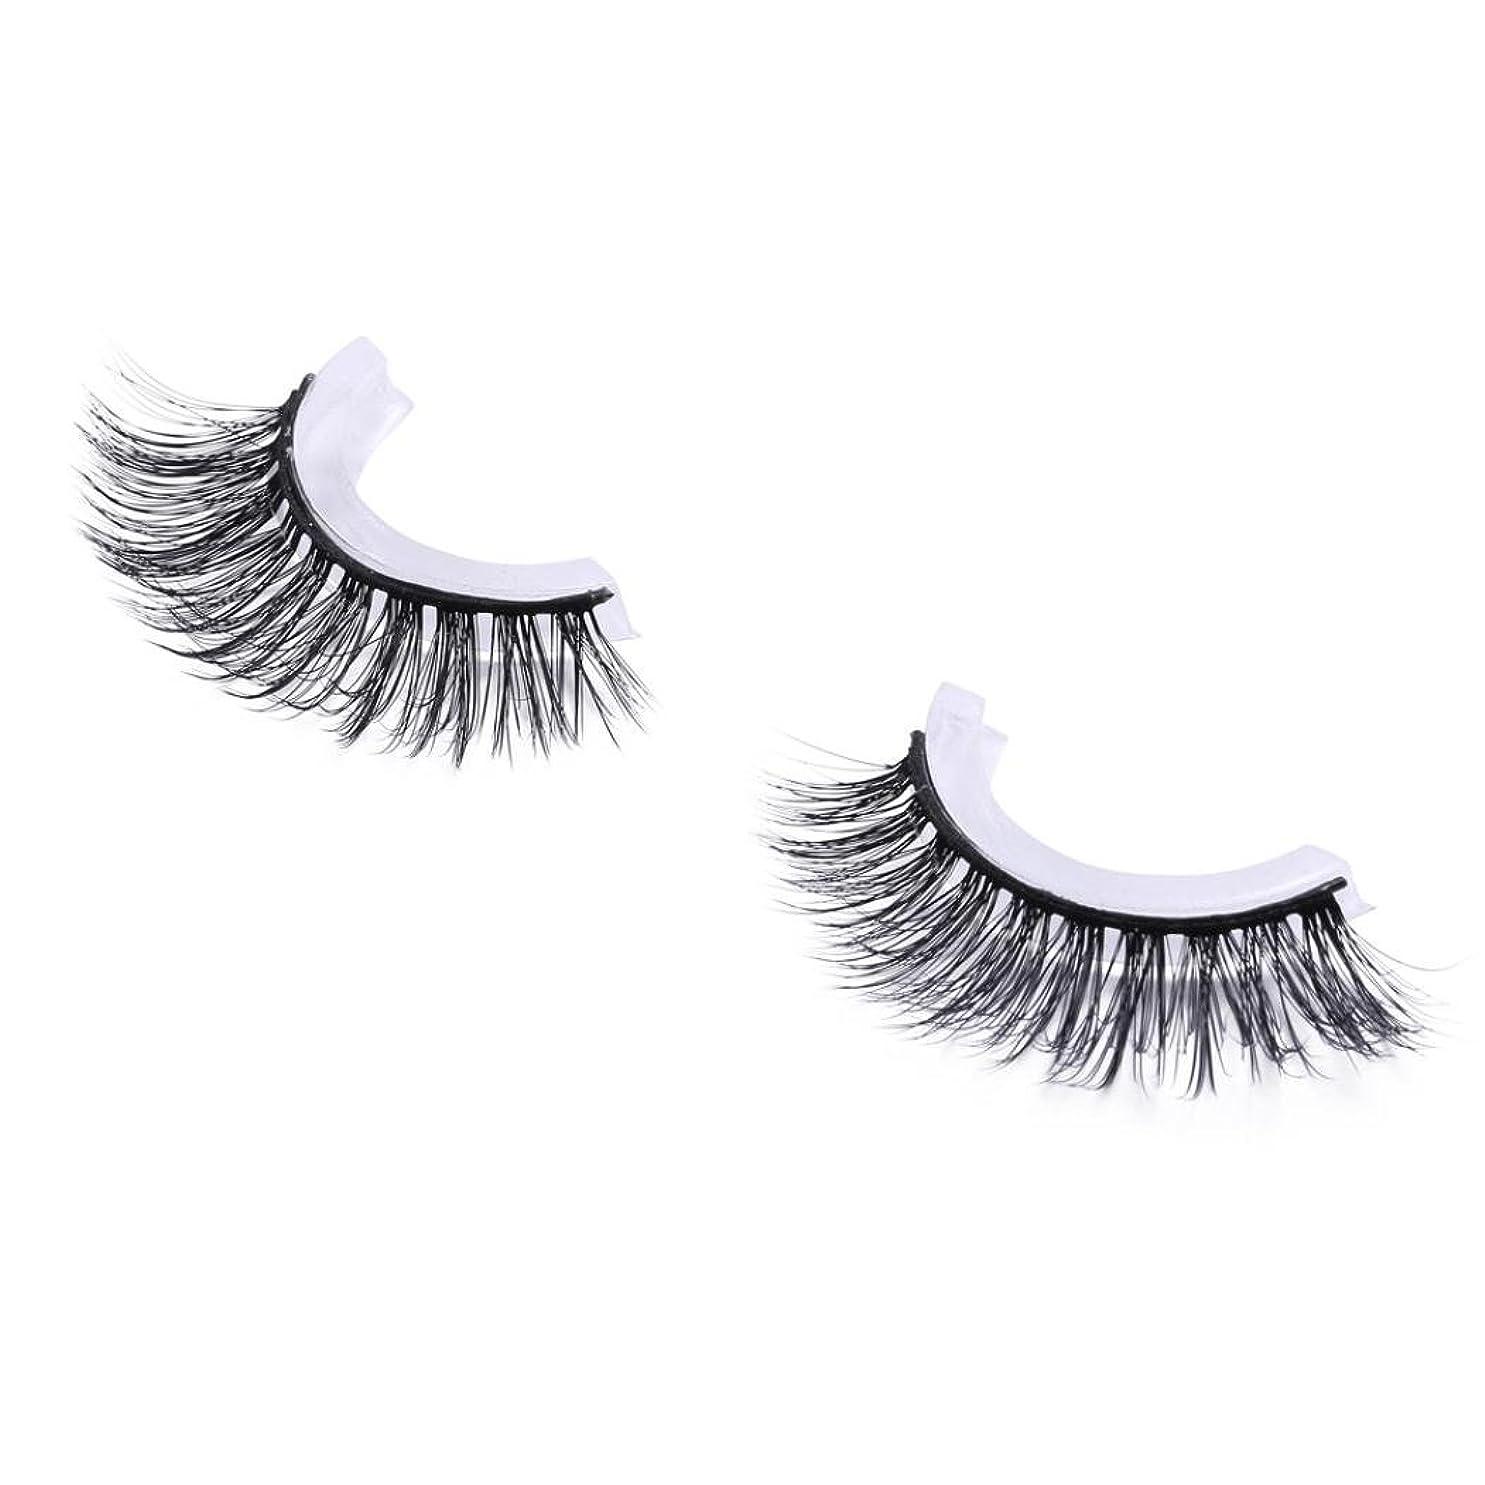 配当アンプ市場Feteso 1ペア つけまつげ 上まつげ Eyelashes アイラッシュ まつげエクステ扩展 レディース 化粧ツール アイメイクアップ 人気 手作り ナチュラル 柔らかい 装着簡単 綺麗 変身